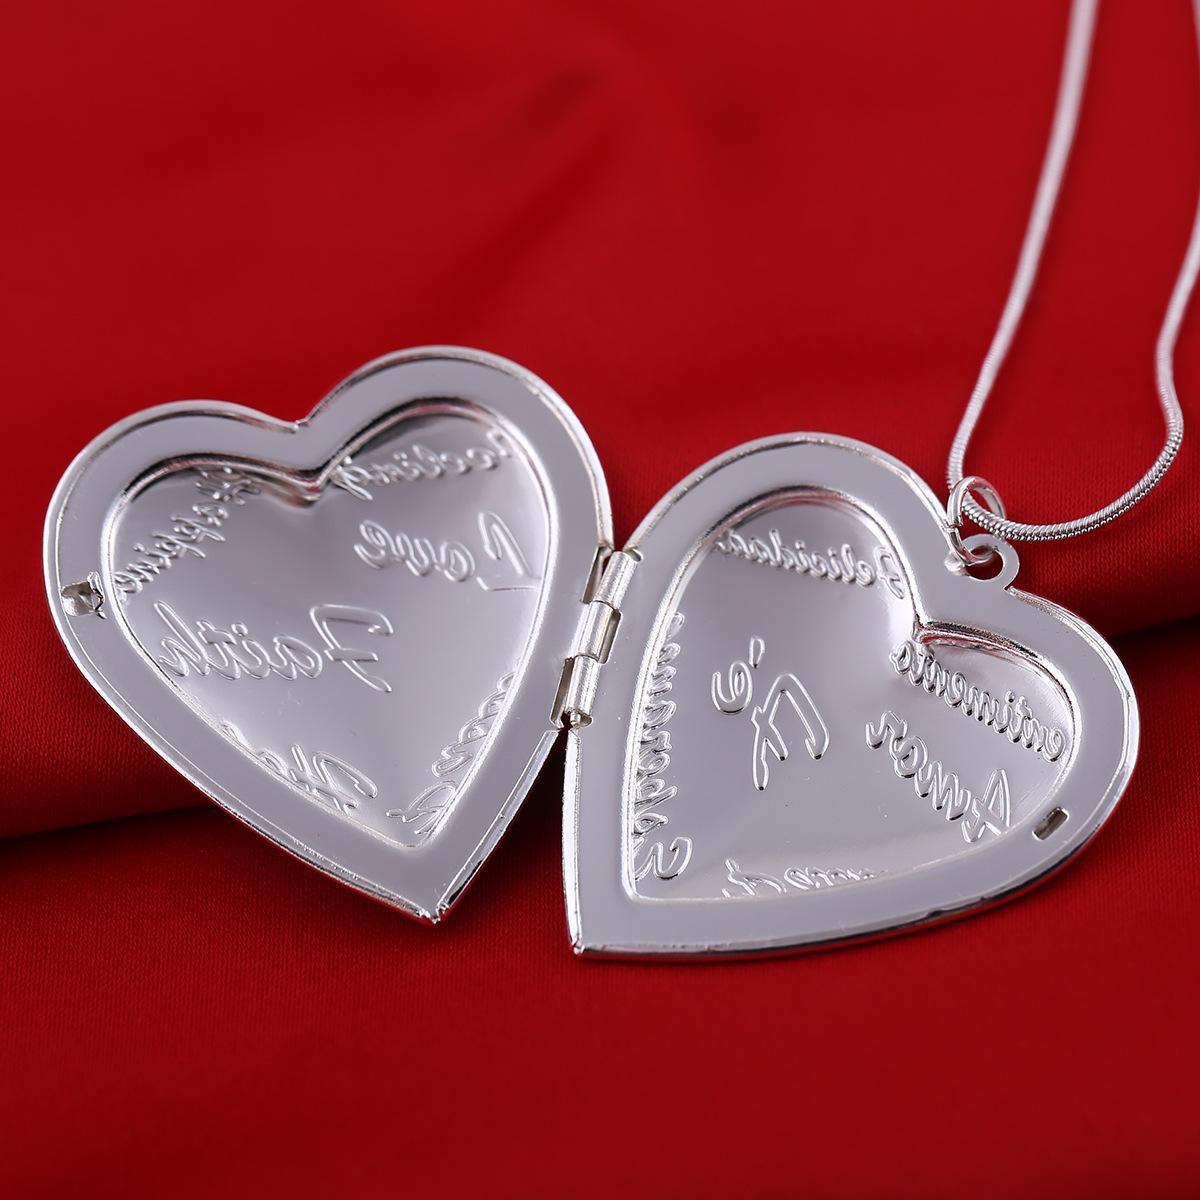 فتح المنجد قلادة إطار الصورة الذاكرة سحر المنجد قلادة مجوهرات collares عيد الأم هدية القلب قلادة قلادة